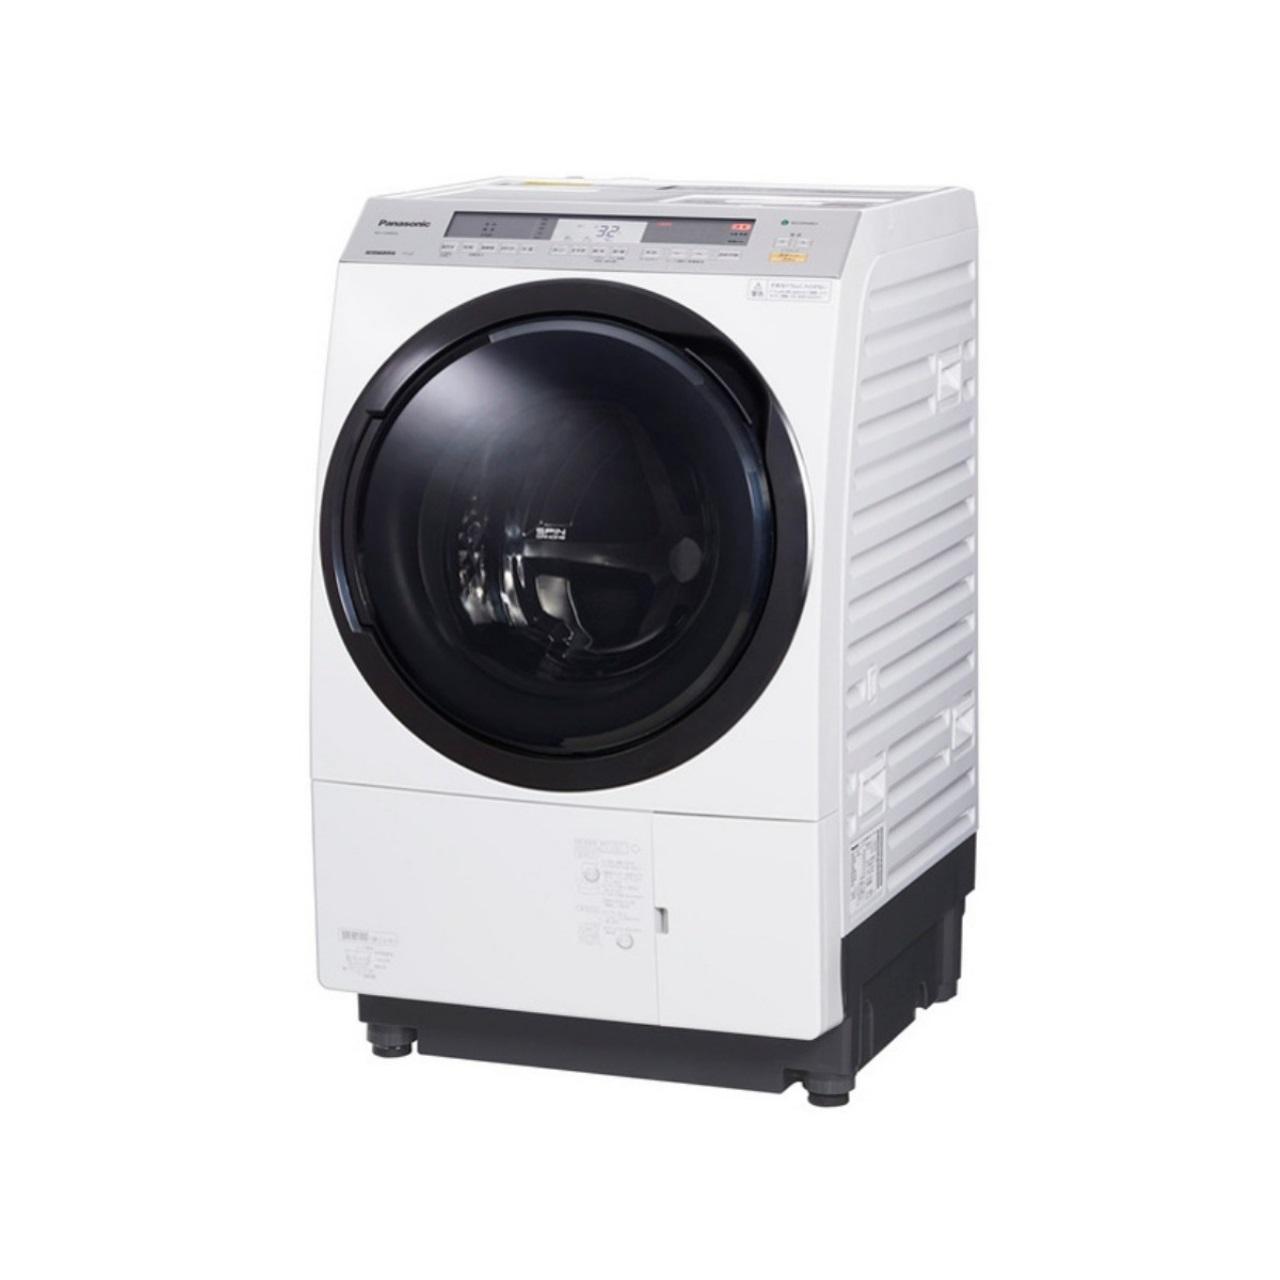 パナソニックNA-VX8800ななめドラム洗濯乾燥機